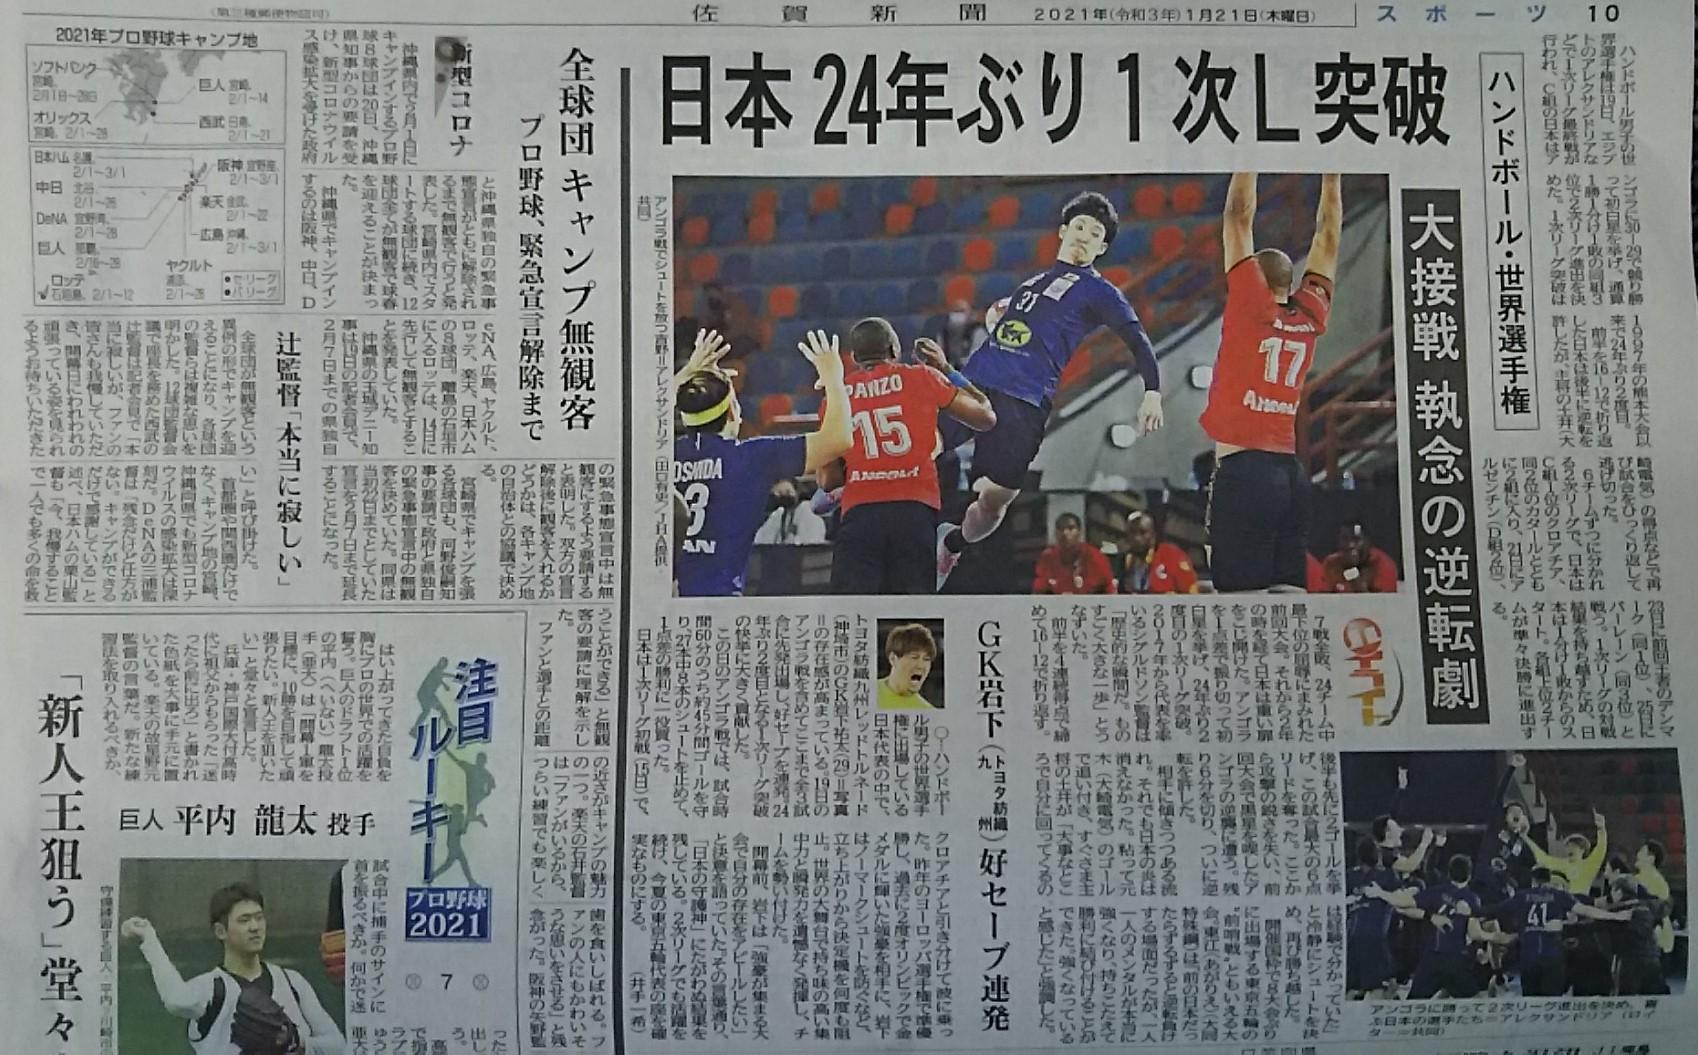 【世界選手権】1次リーグ突破!GK岩下、歓喜の雄叫び(1月21日)